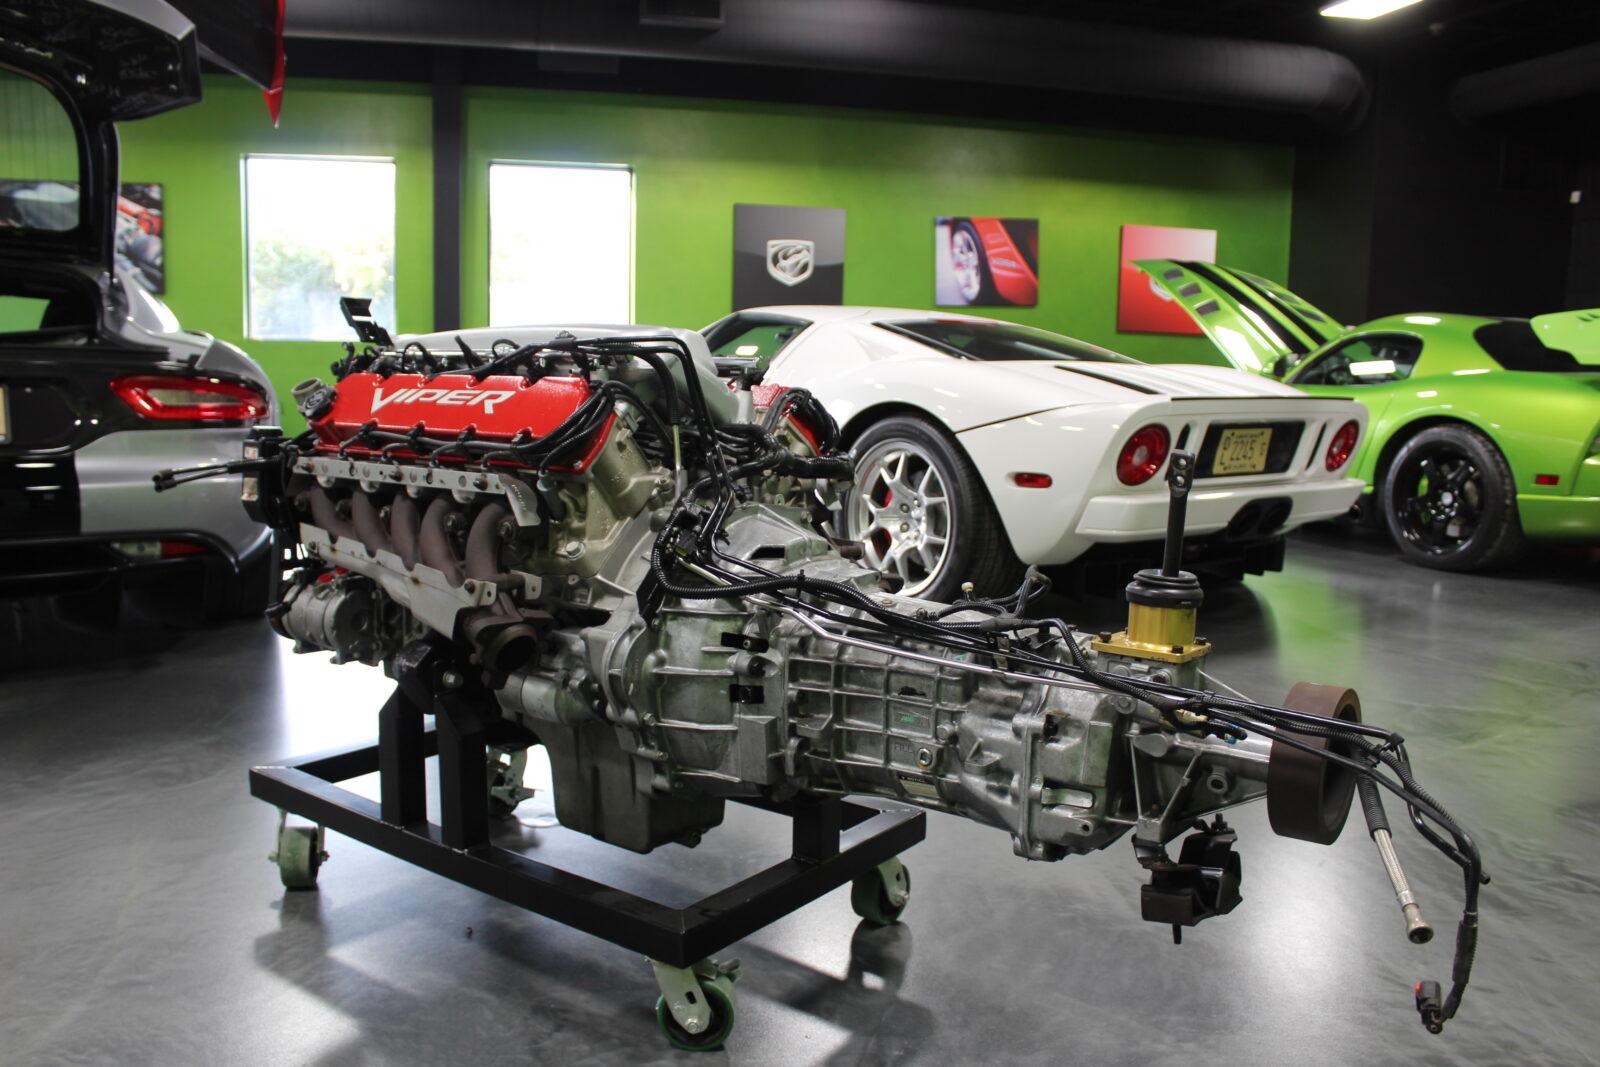 Dodge Ram SRT-10 8.3 Liter V10 Engine